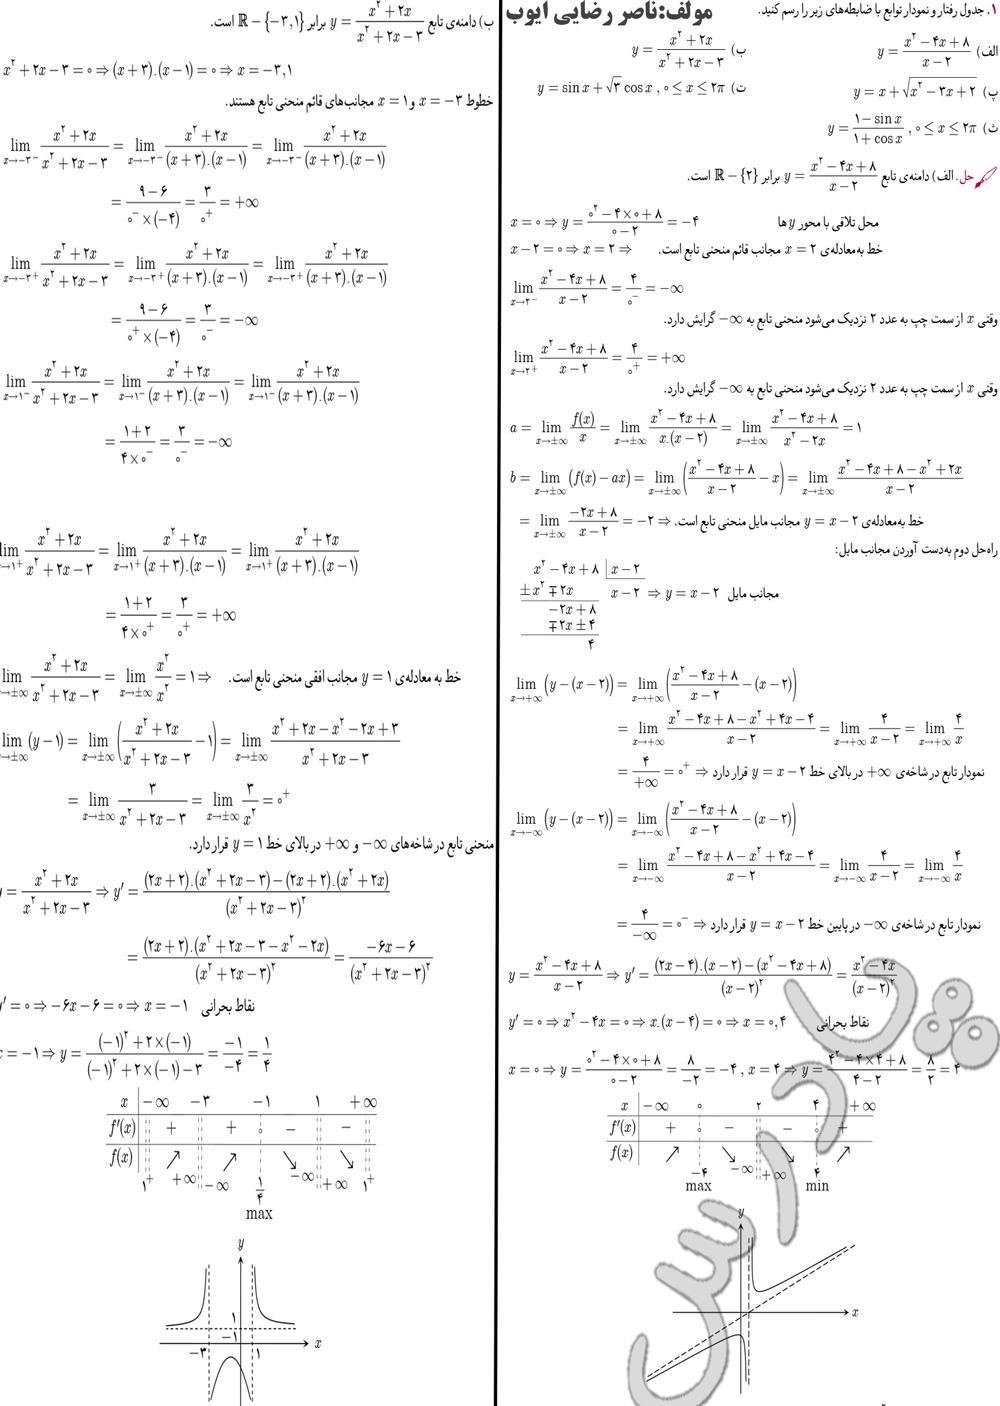 حل مسائل صفحه 210 دیفرانسیل پیش دانشگاهی